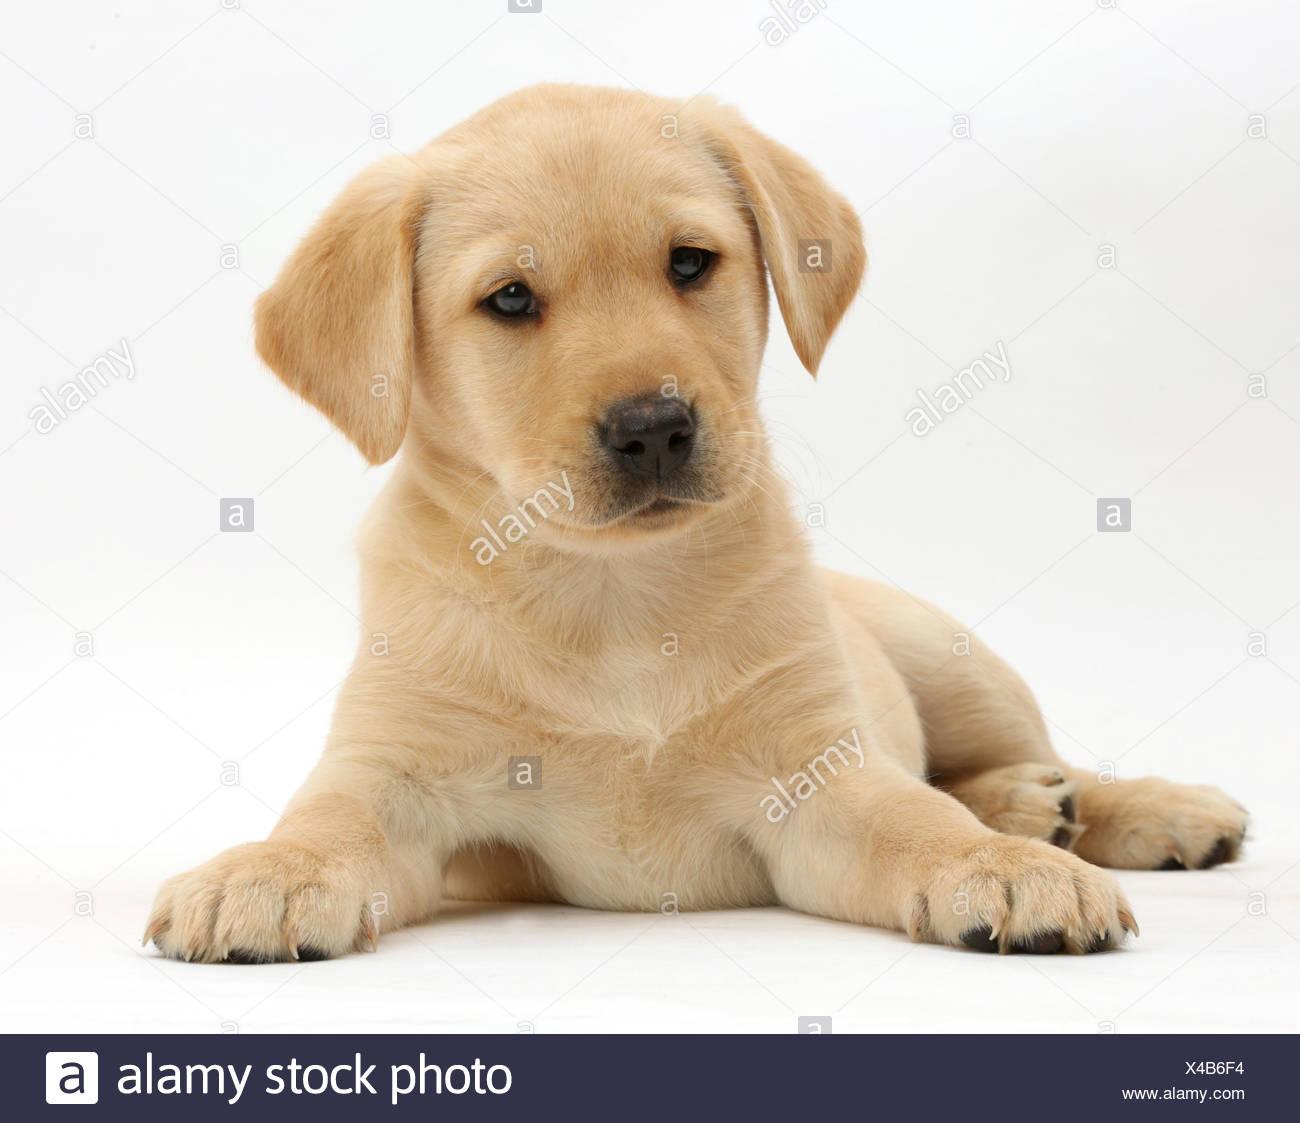 Gelben Labrador Retriever Welpen Alter 9 Wochen Liegen Mit Dem Kopf Nach Oben Stockfotografie Alamy